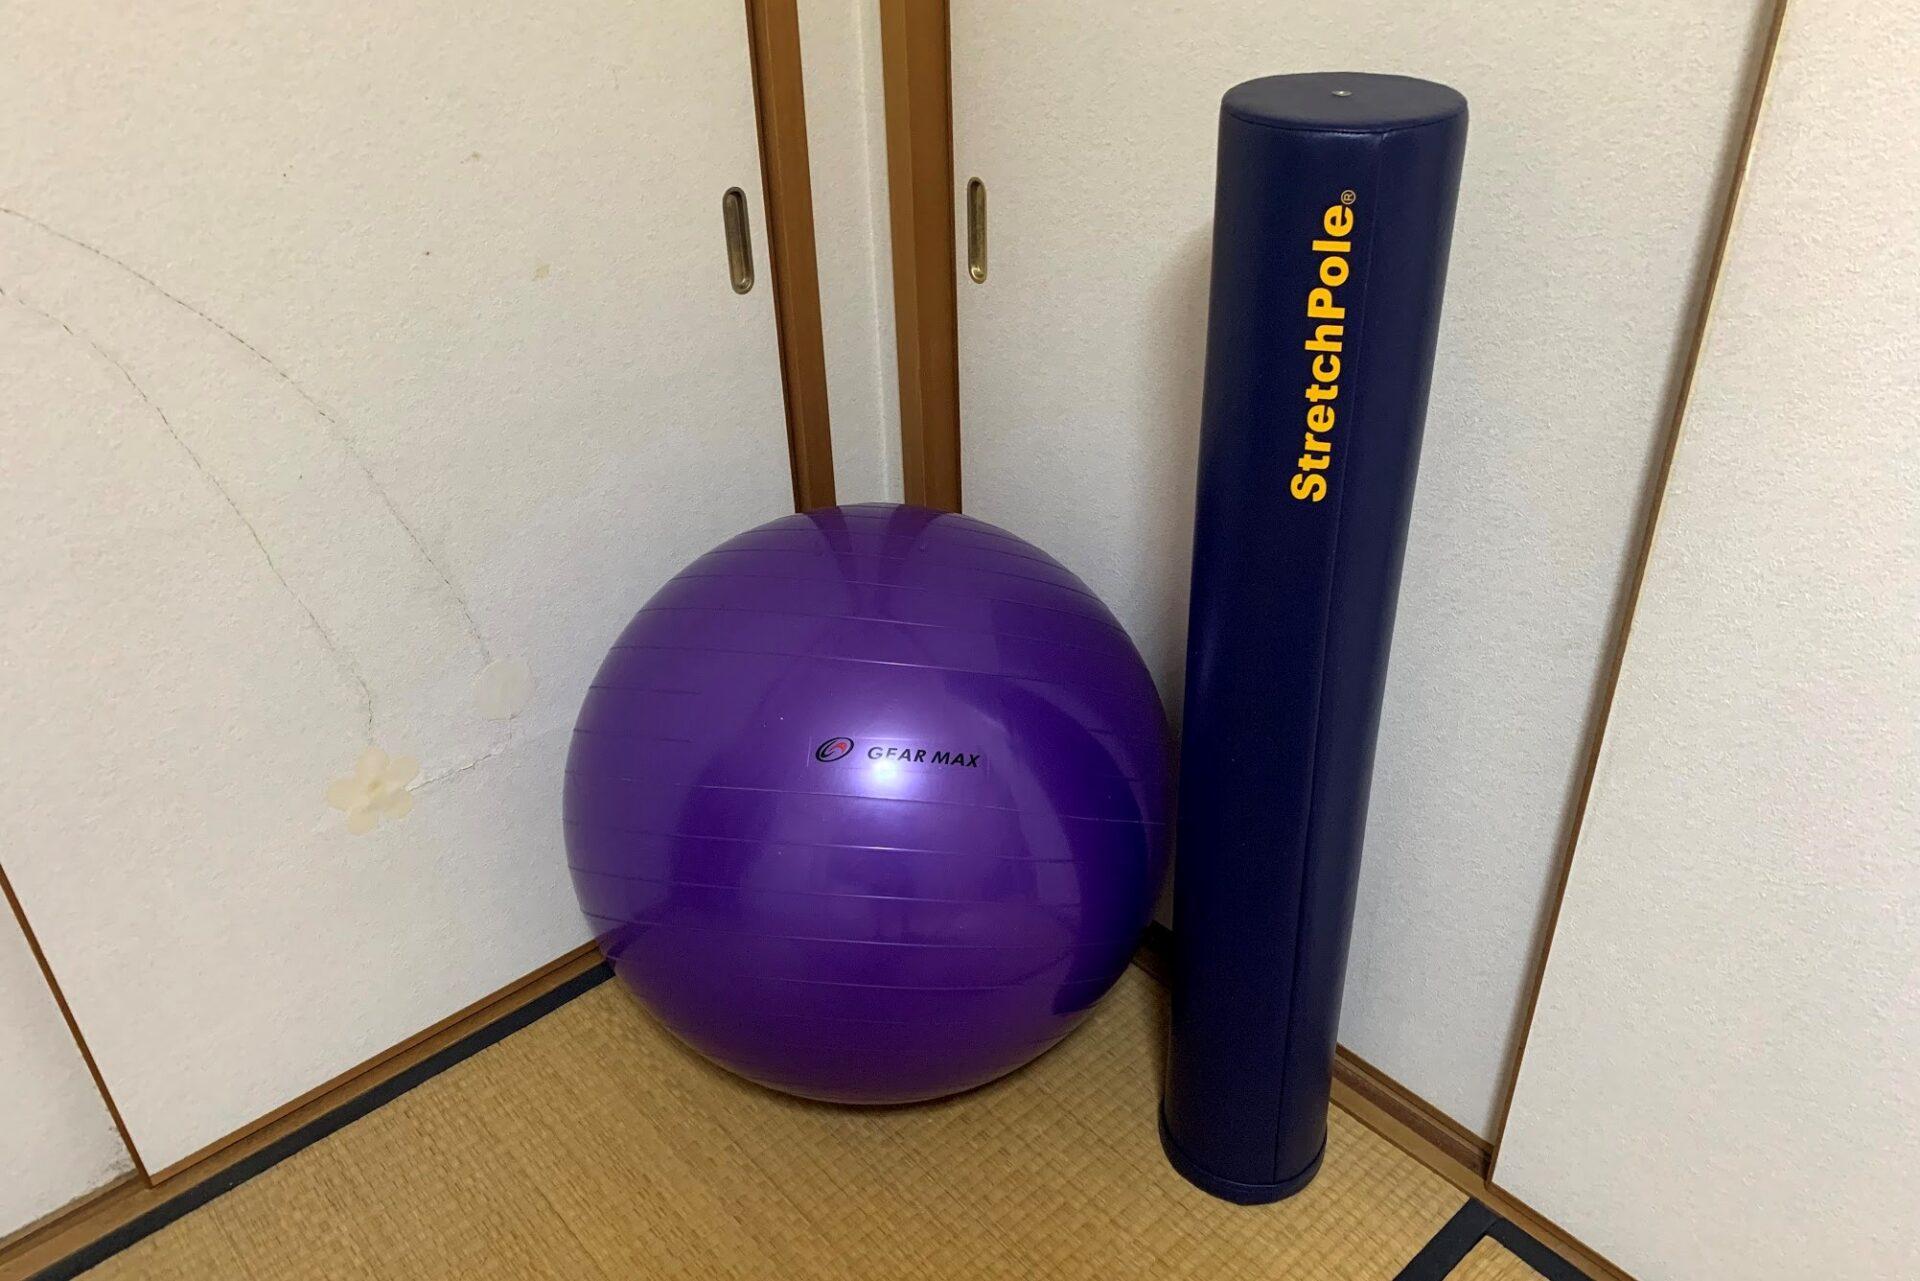 故障続きの身体を根本改善に向けバランスボールとストレッチポールを継続しよう